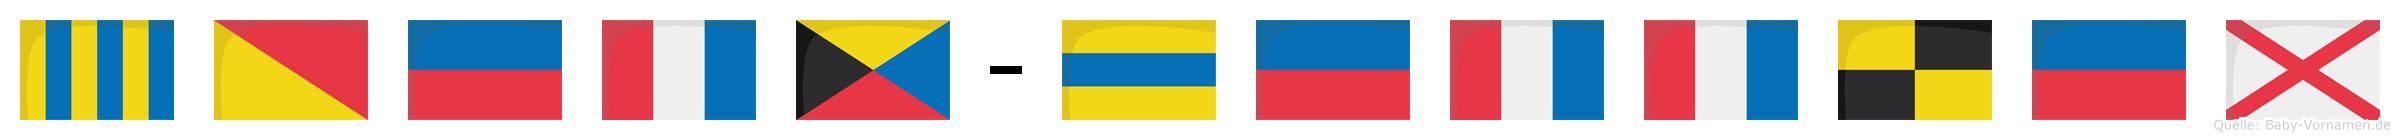 Goetz-Dettlev im Flaggenalphabet